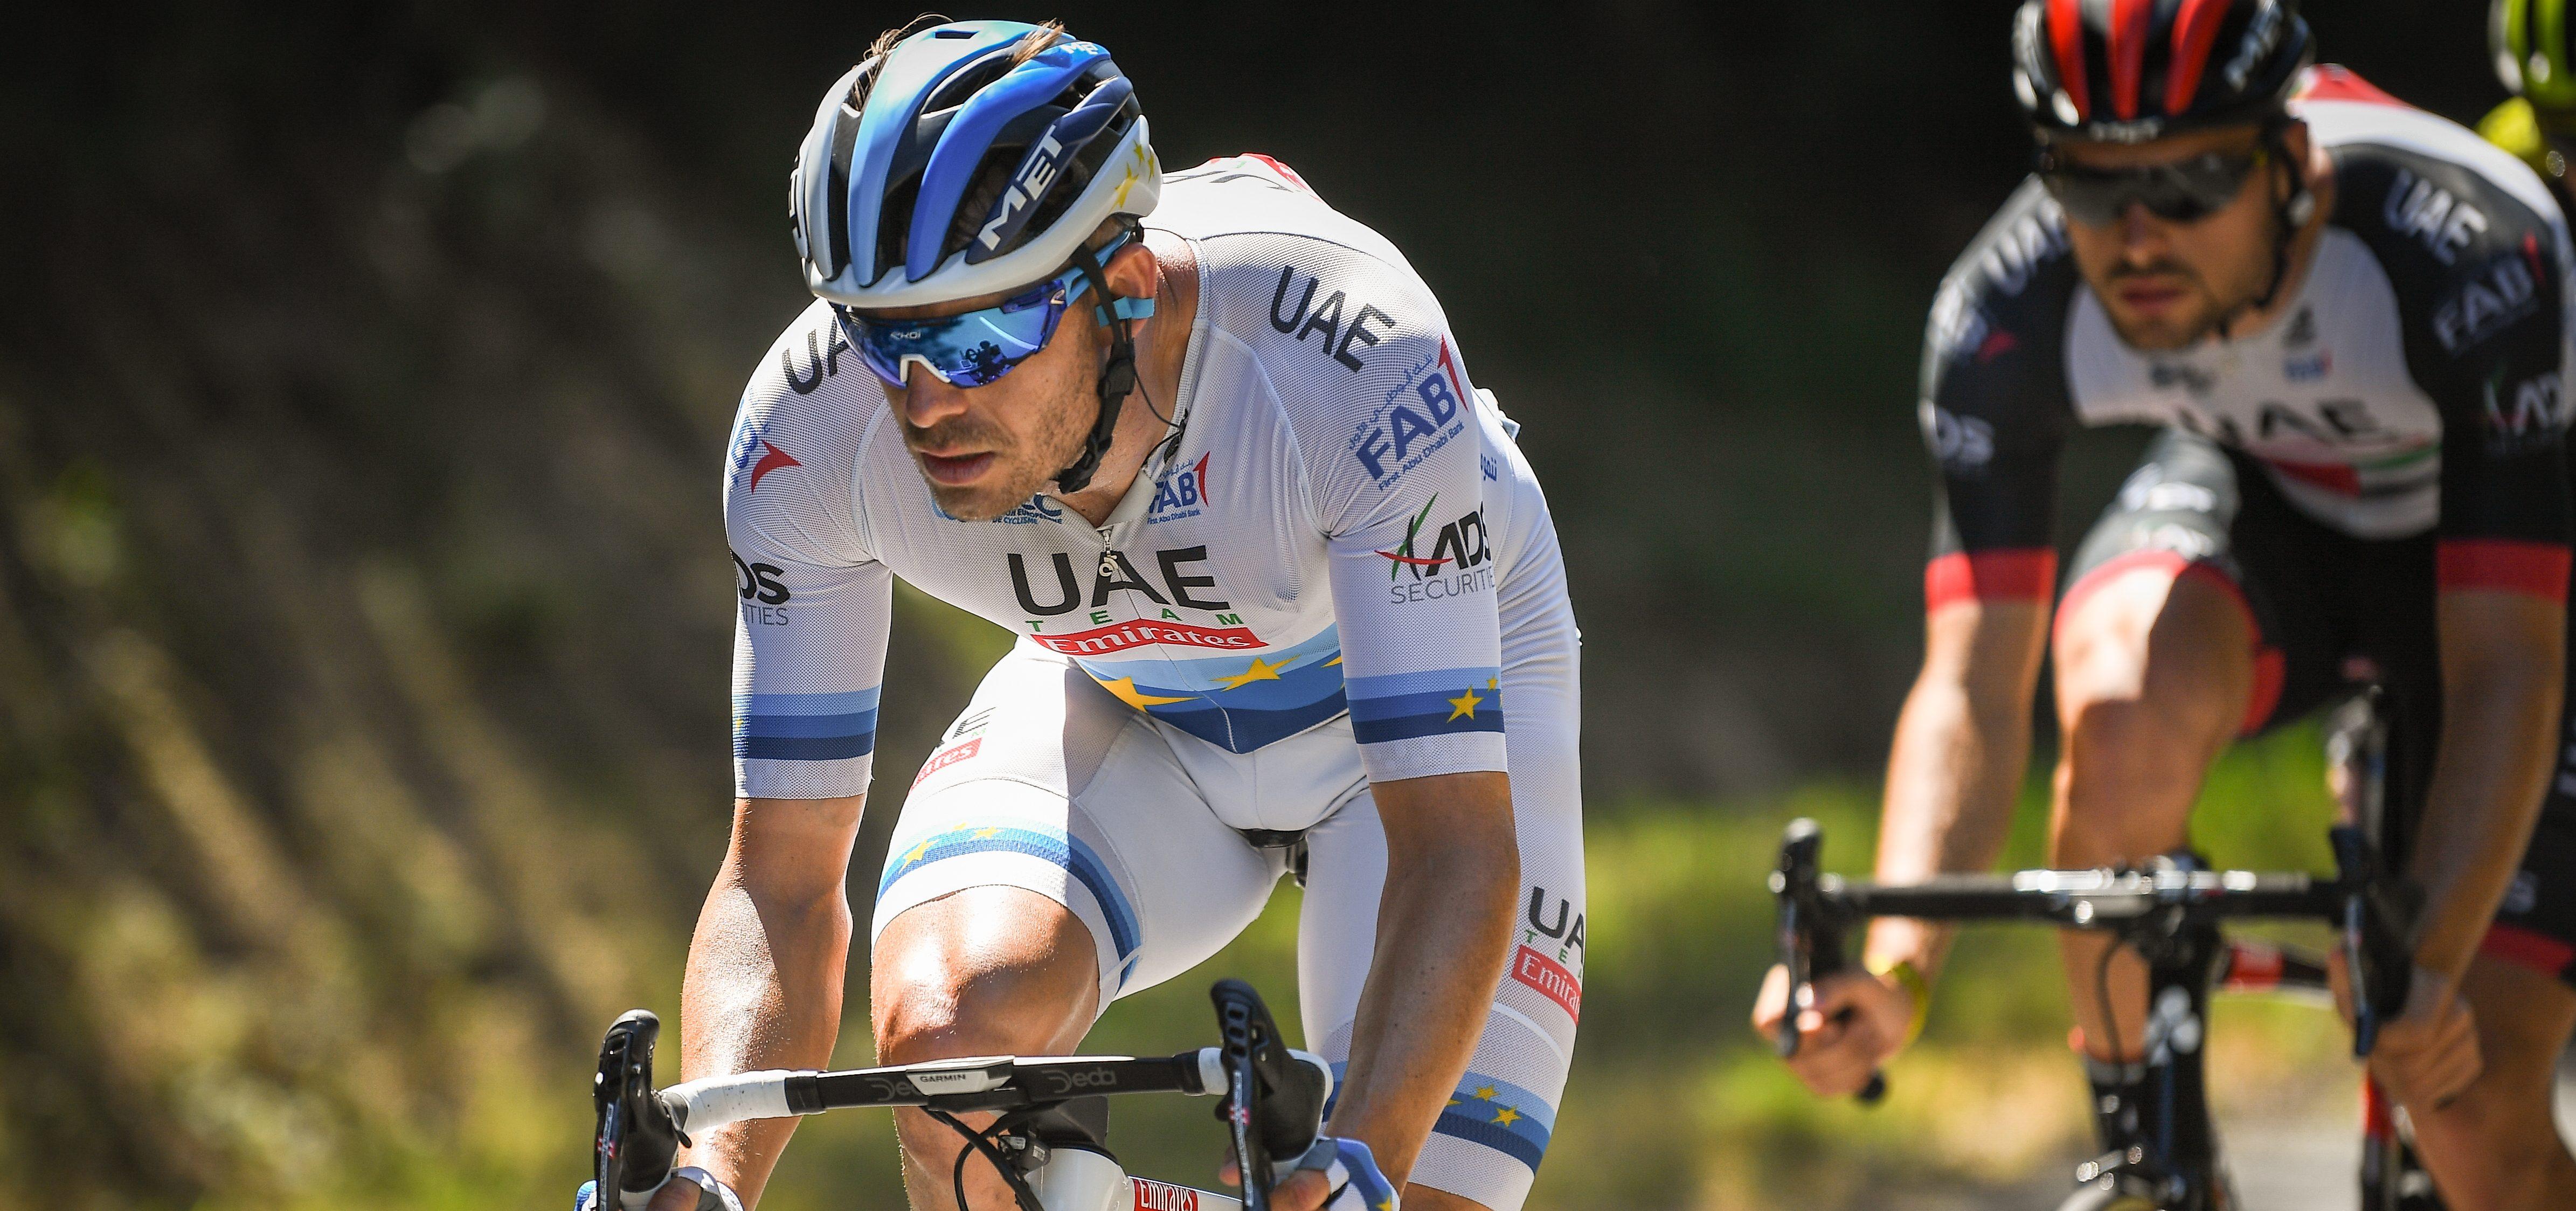 Tour de France 2013 Eindklassement witte trui Cycling Story